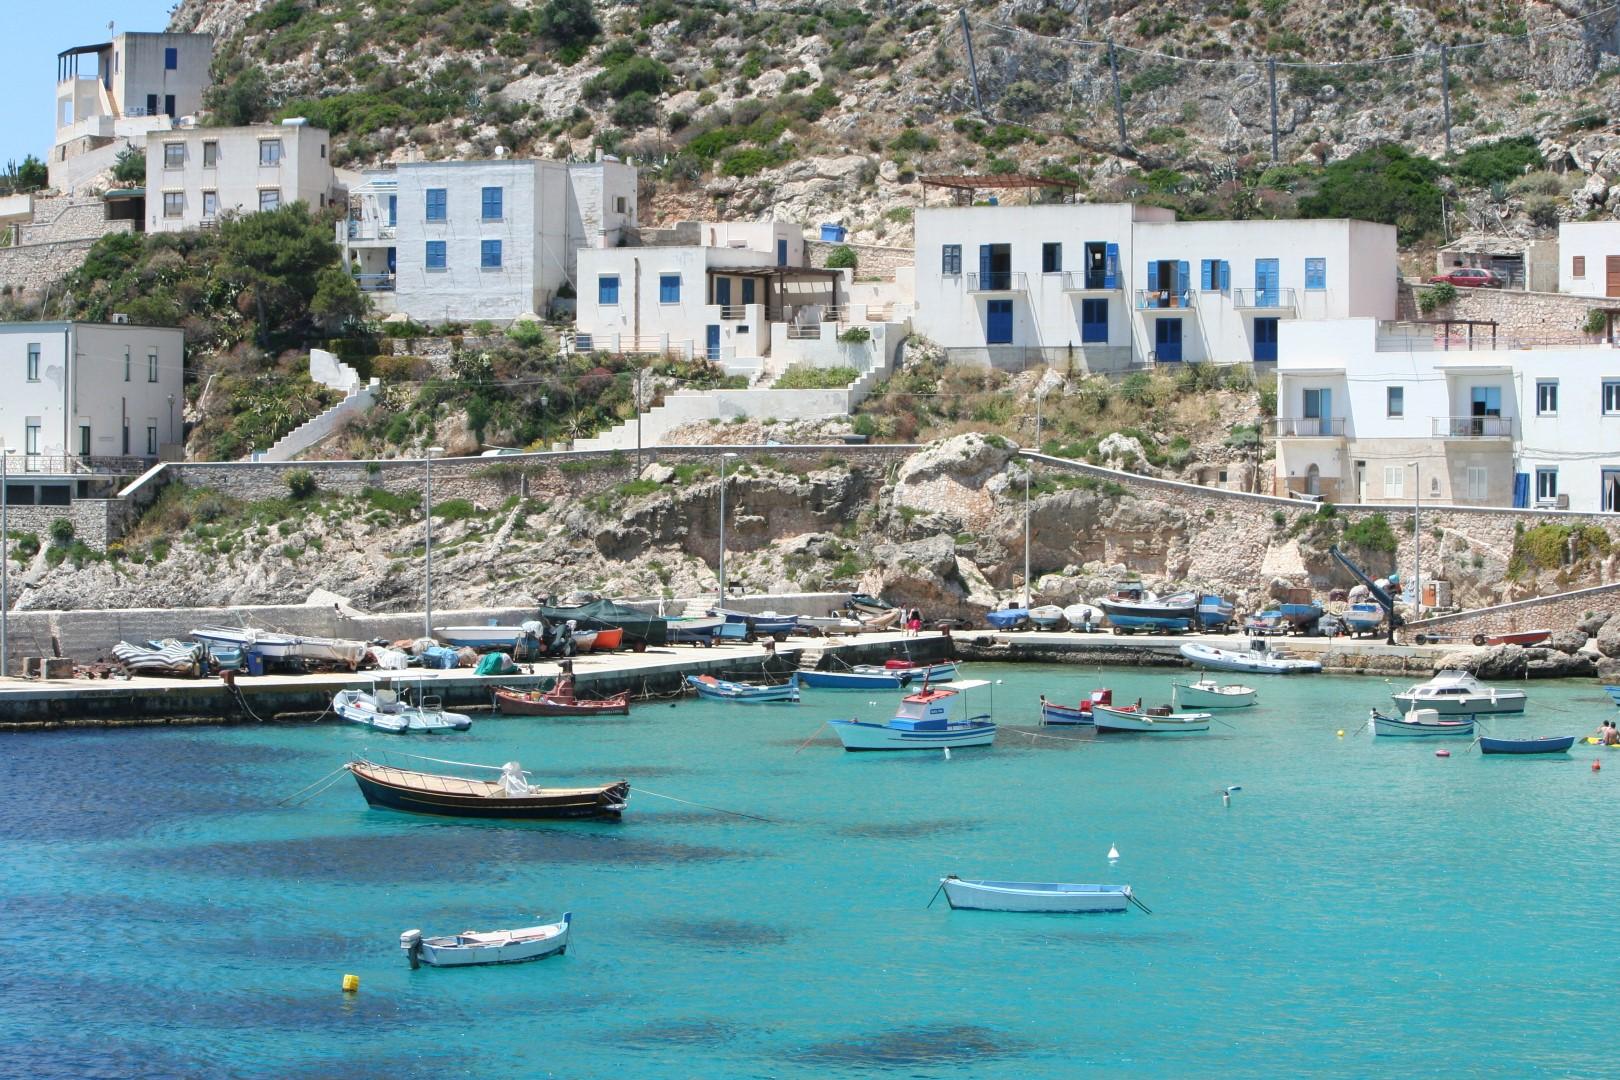 Italy_Sicily_Aegedi_Islands_Marettimo_harbor